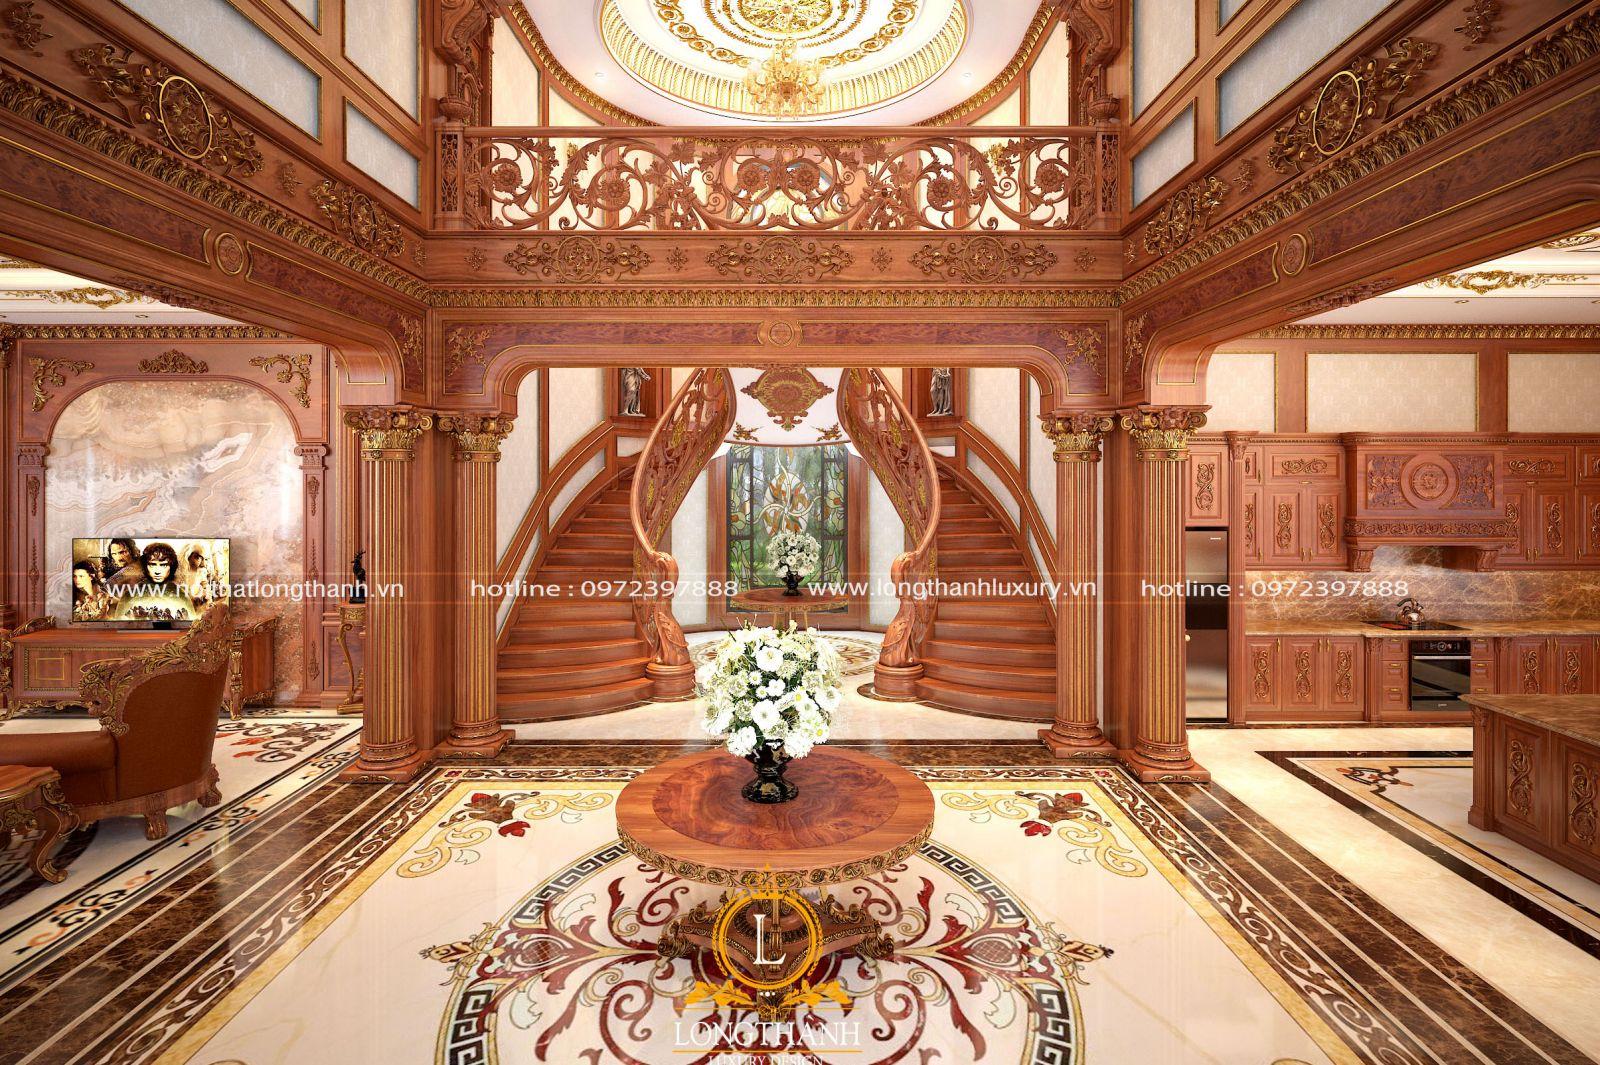 Thiết kế nội thất phòng khách theo kiểu cổ điến sang trọng đầy quyền uy